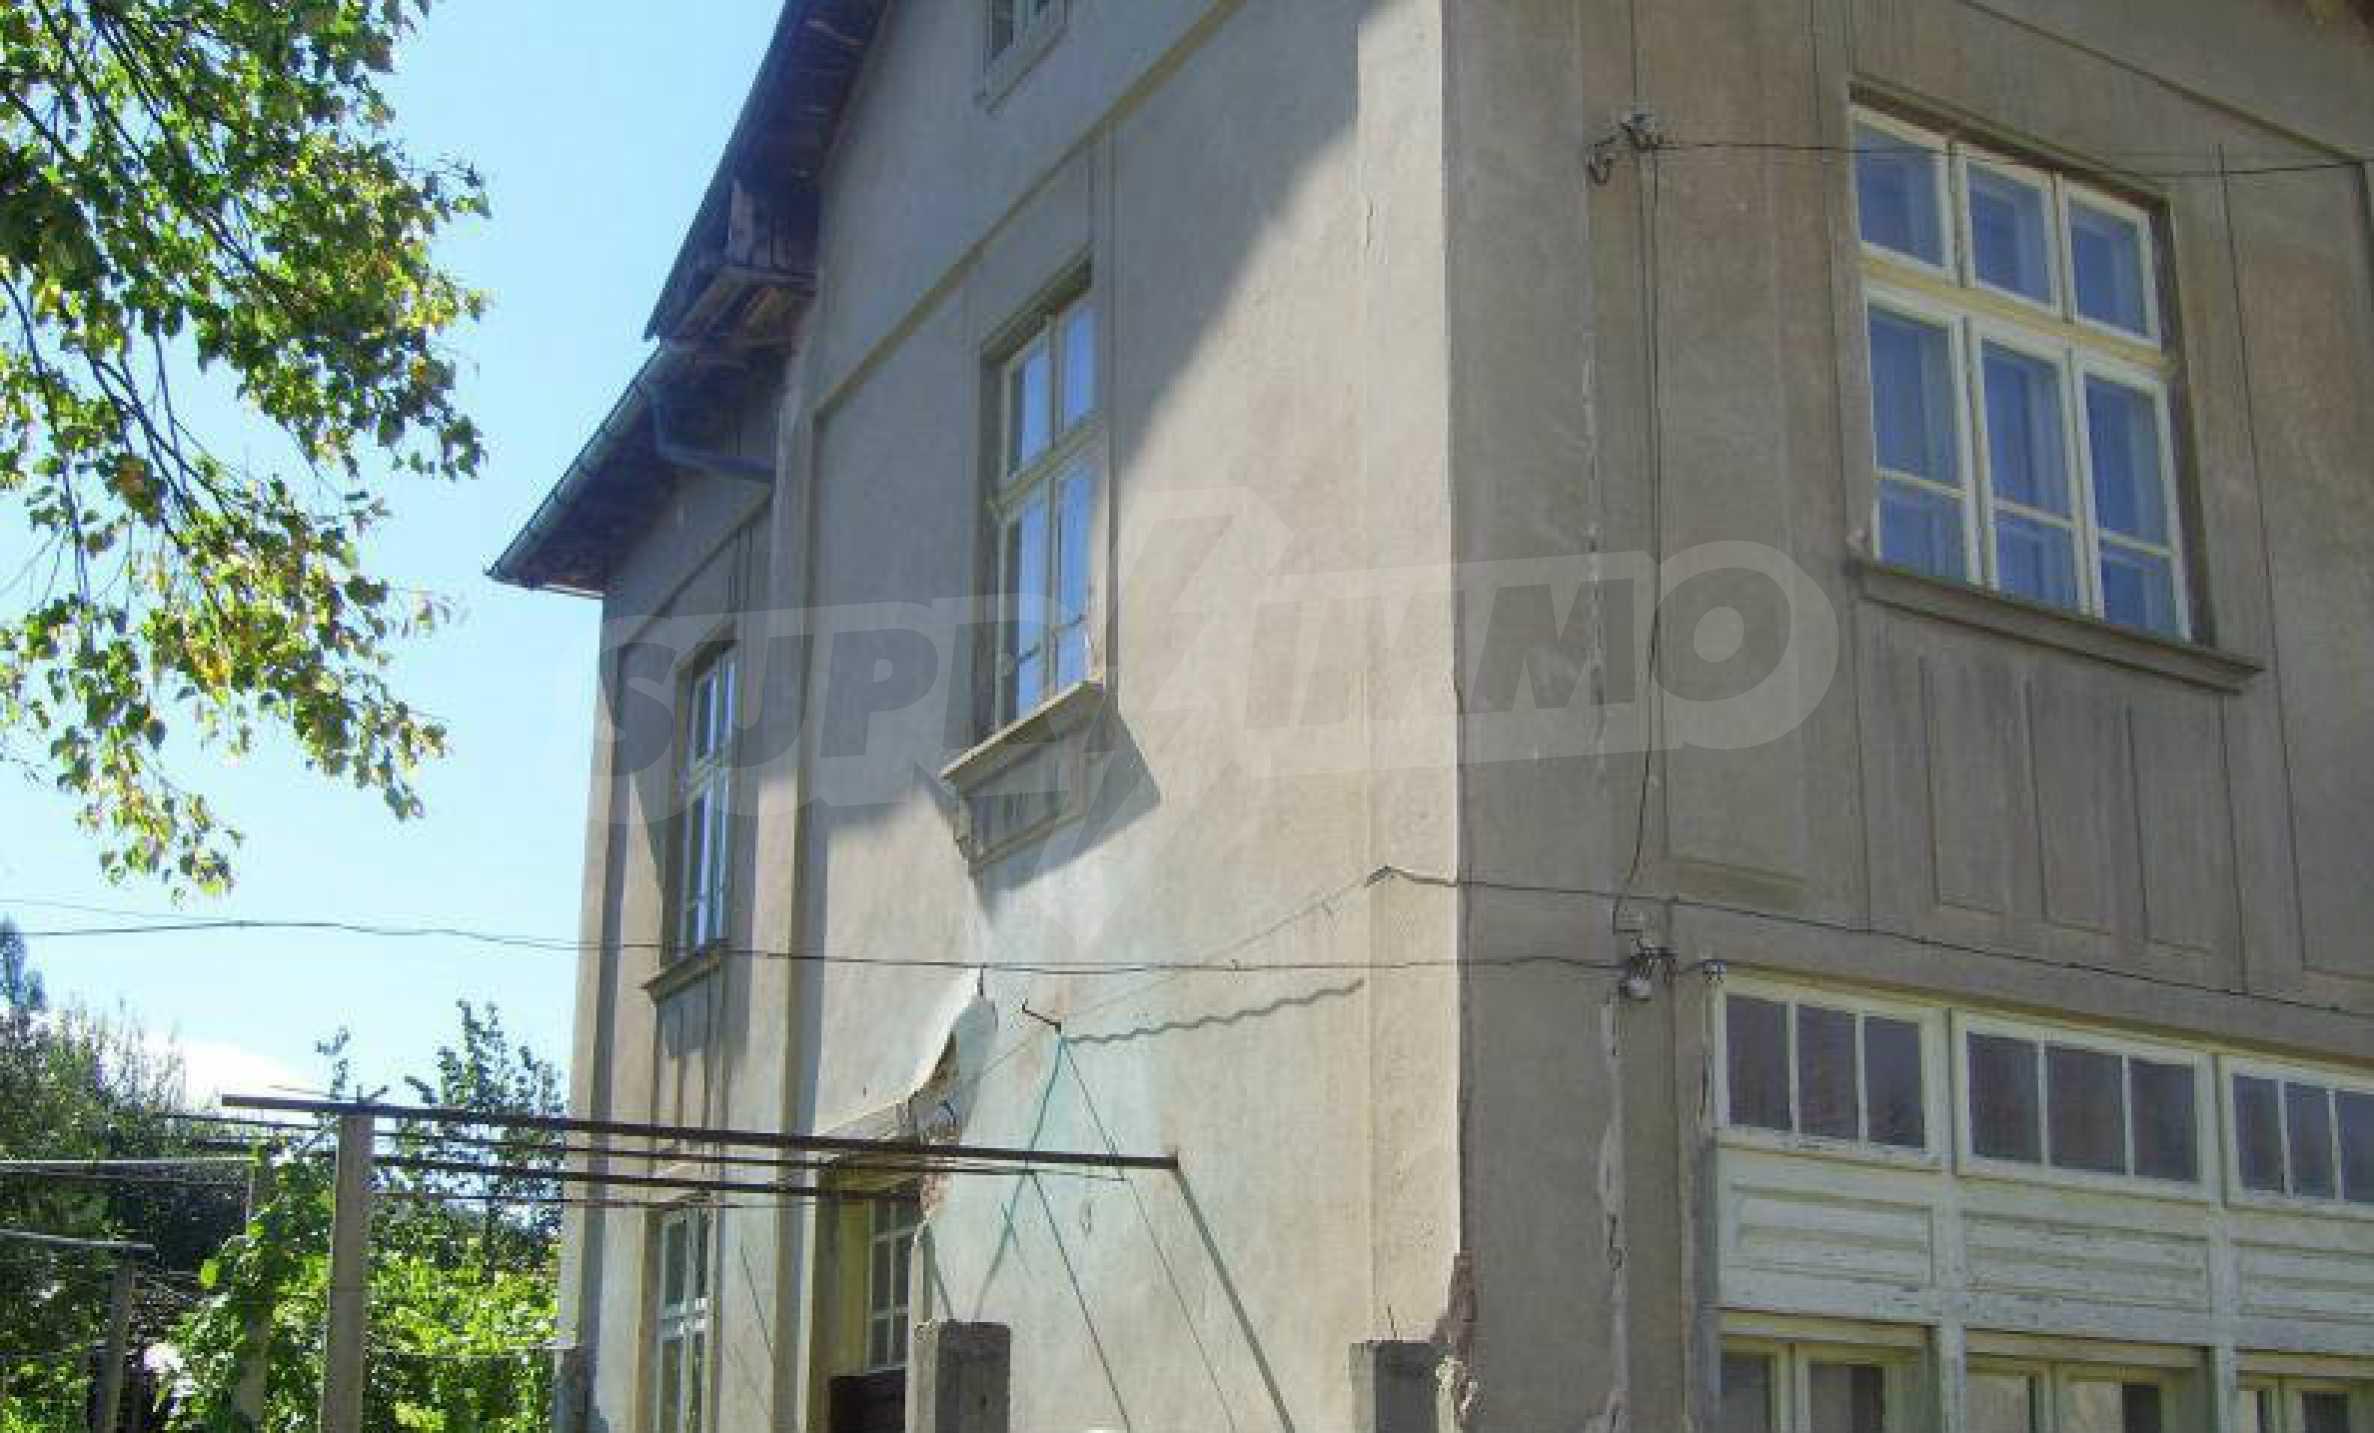 Zweistöckiges Backsteinhaus in der Stadt, 35 km von Lovech entfernt, in der Nähe eines Damms 1